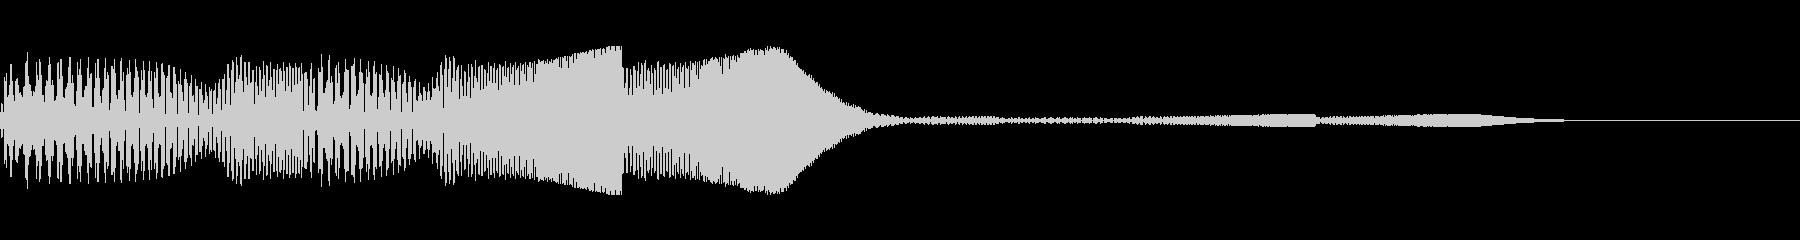 パズル消し等に使える泡のような音ですの未再生の波形